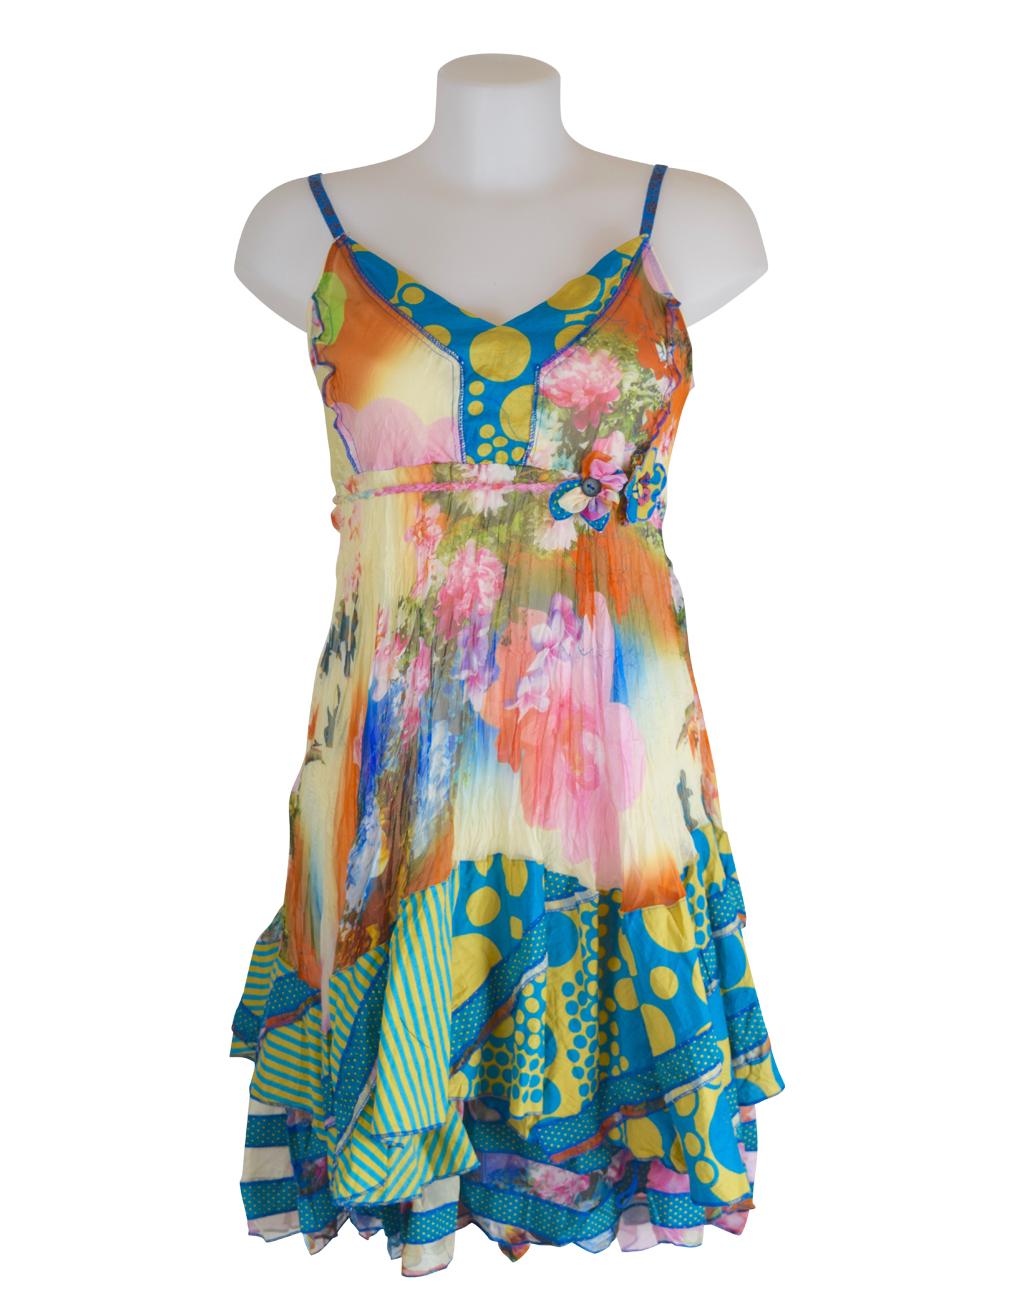 Sensations Pour Elle's Mustard & Turq Dress